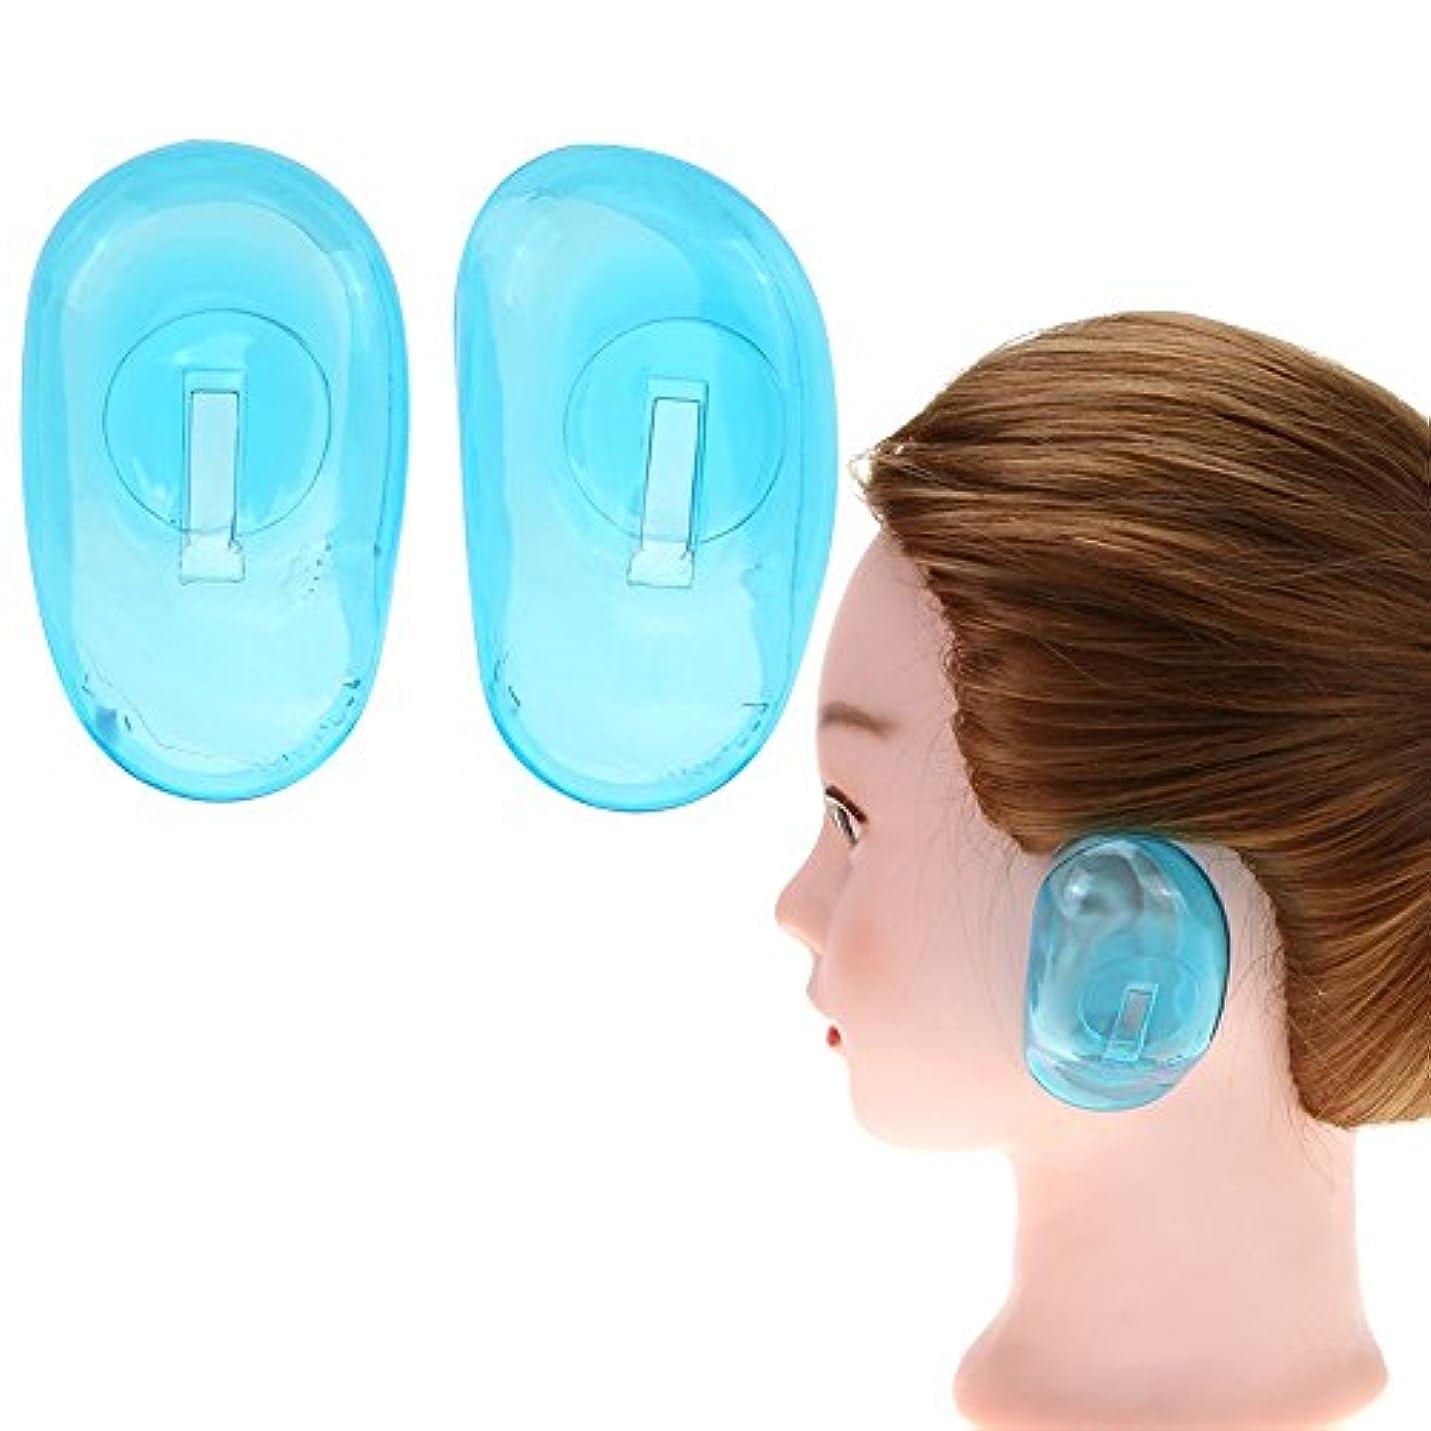 ロマンチック指紋ヤギRuier-tong 5ペア耳カバー 毛染め用 シリコン製 耳キャップ 柔らかいイヤーキャップ ヘアカラー シャワー 耳保護 ヘアケアツール サロン 洗える 繰り返す使用可能 エコ 8.5x5cm